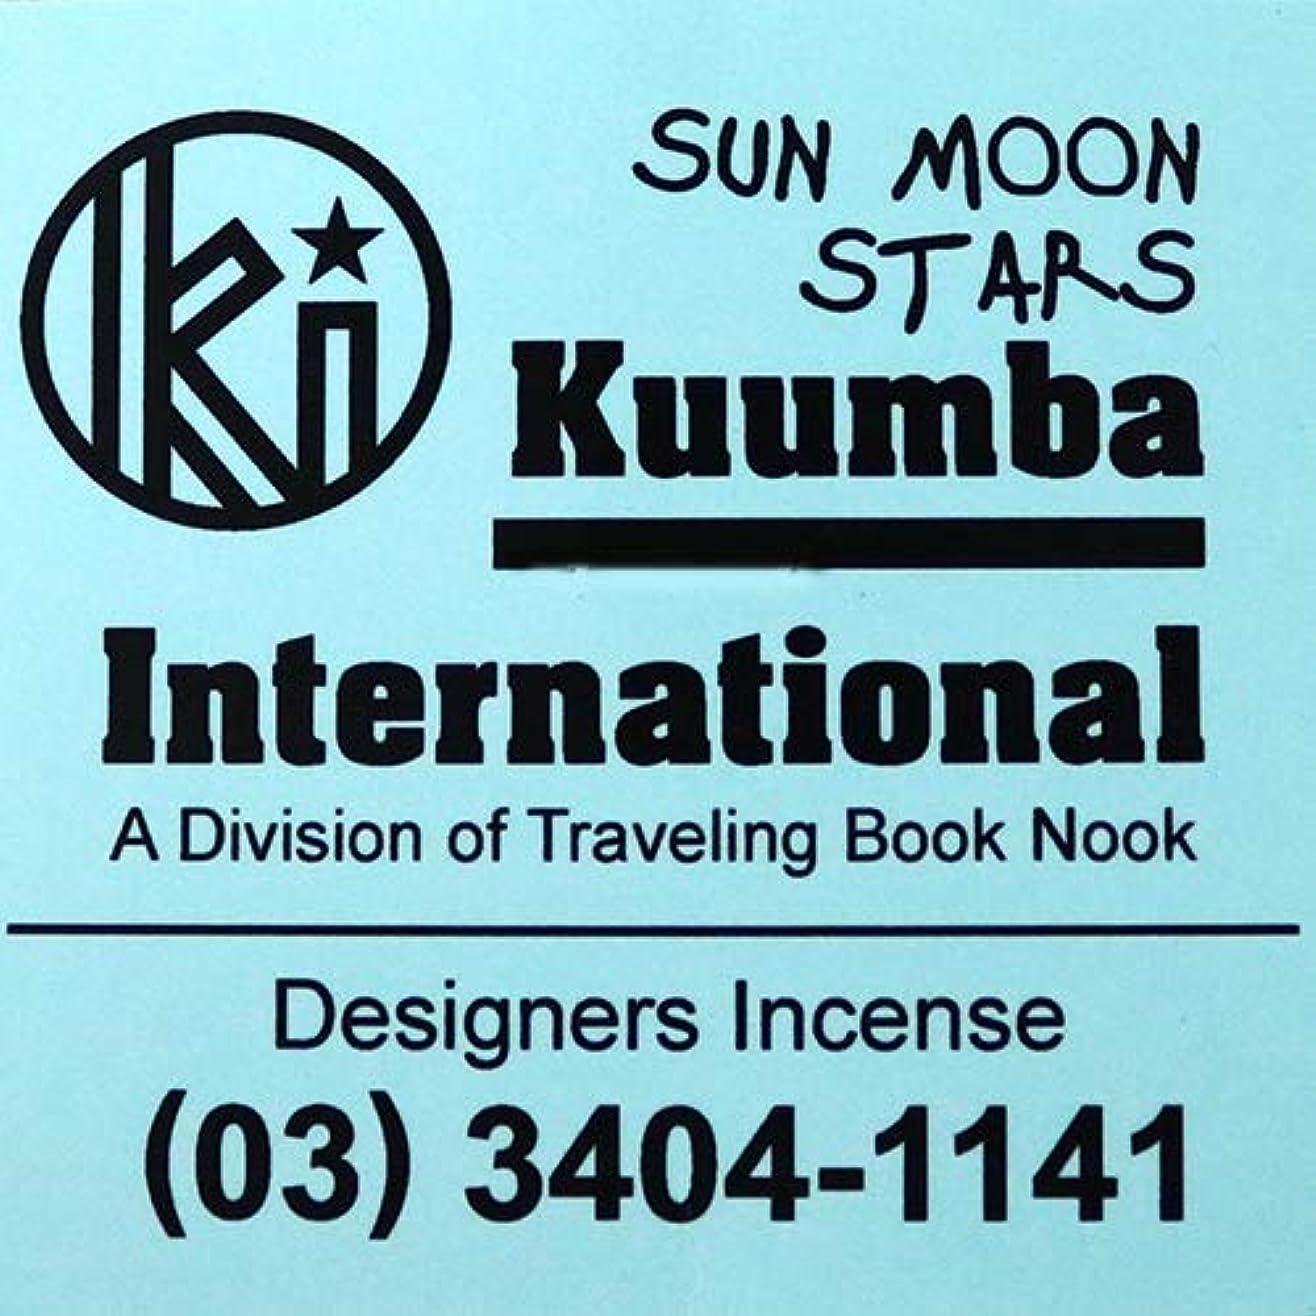 ずっと相反する成り立つ(クンバ) KUUMBA『incense』(SUN MOON STARS) (SUN MOON STARS, Regular size)